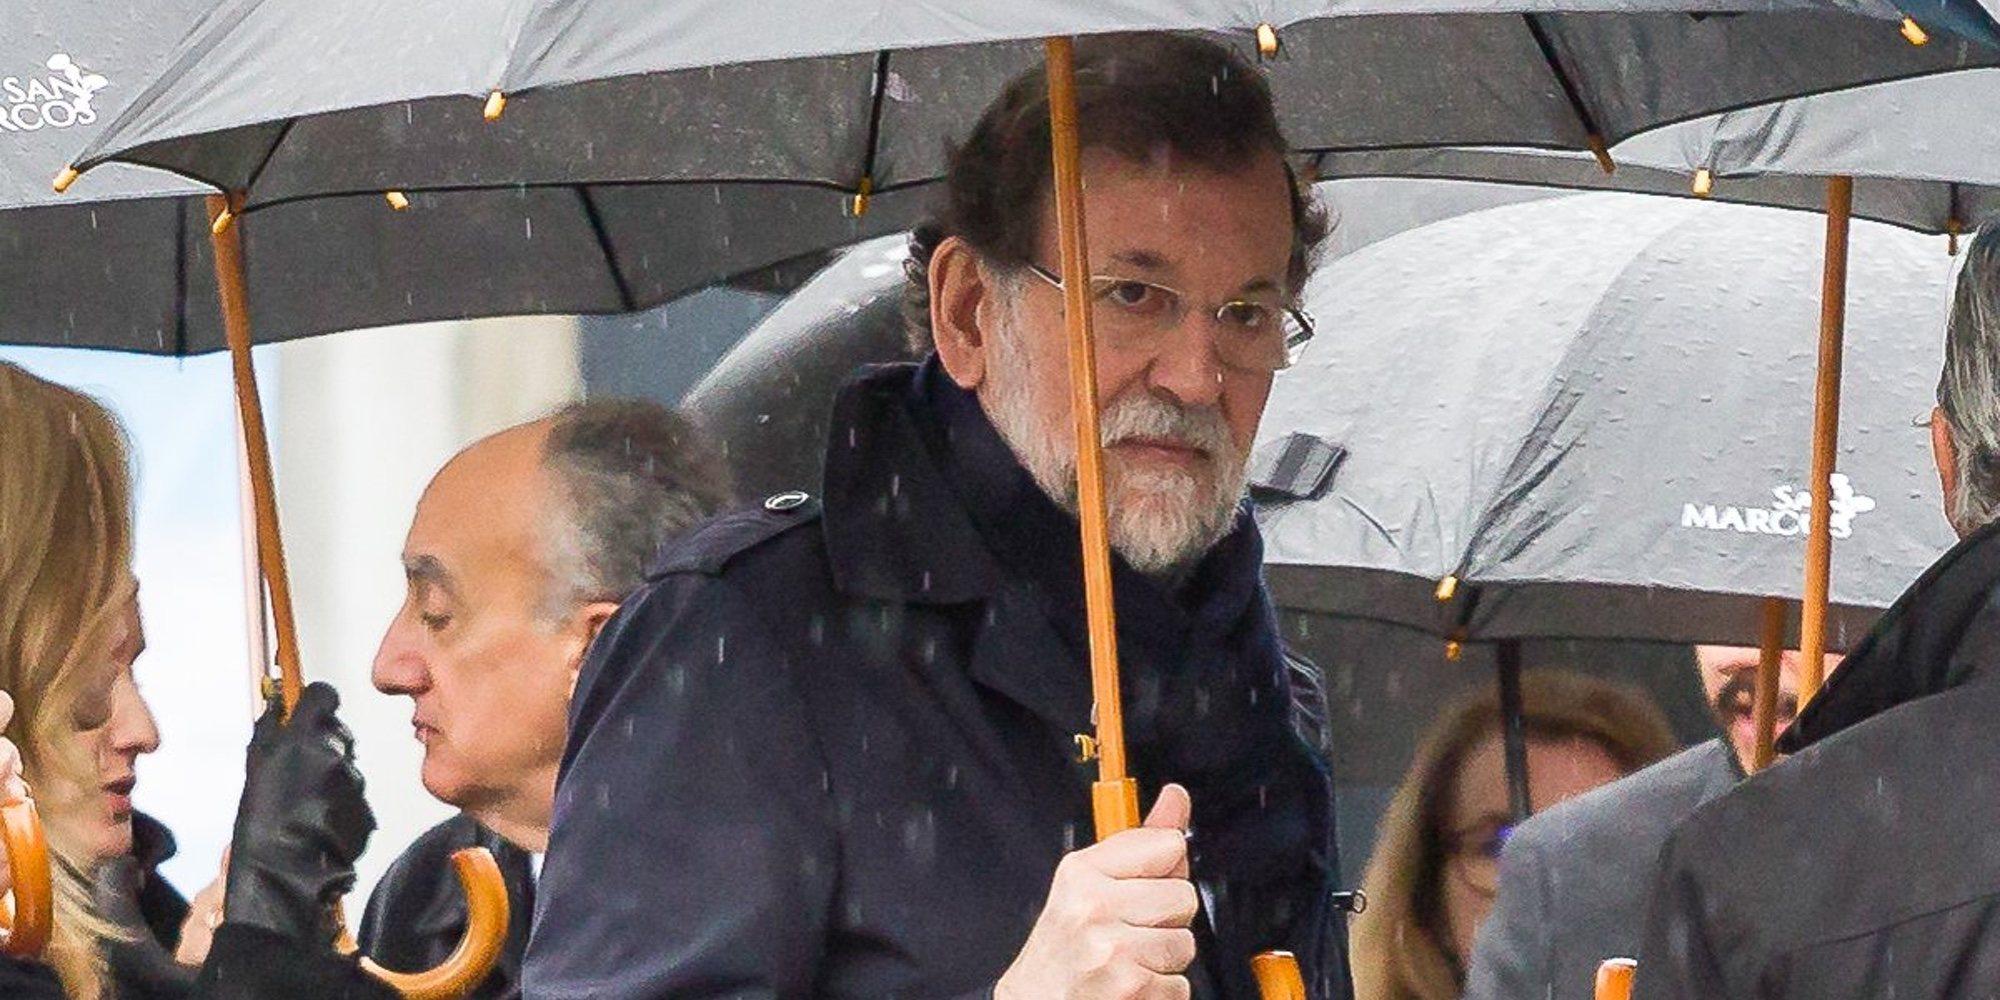 Mariano Rajoy, arropado por sus compañeros del PP en el entierro de su hermana Mercedes Rajoy